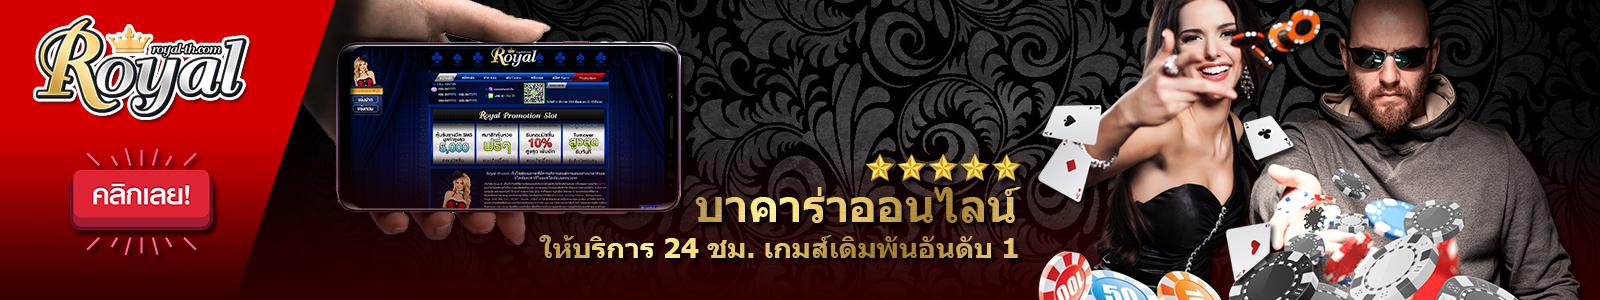 Royal-th banner baccarat online number 1